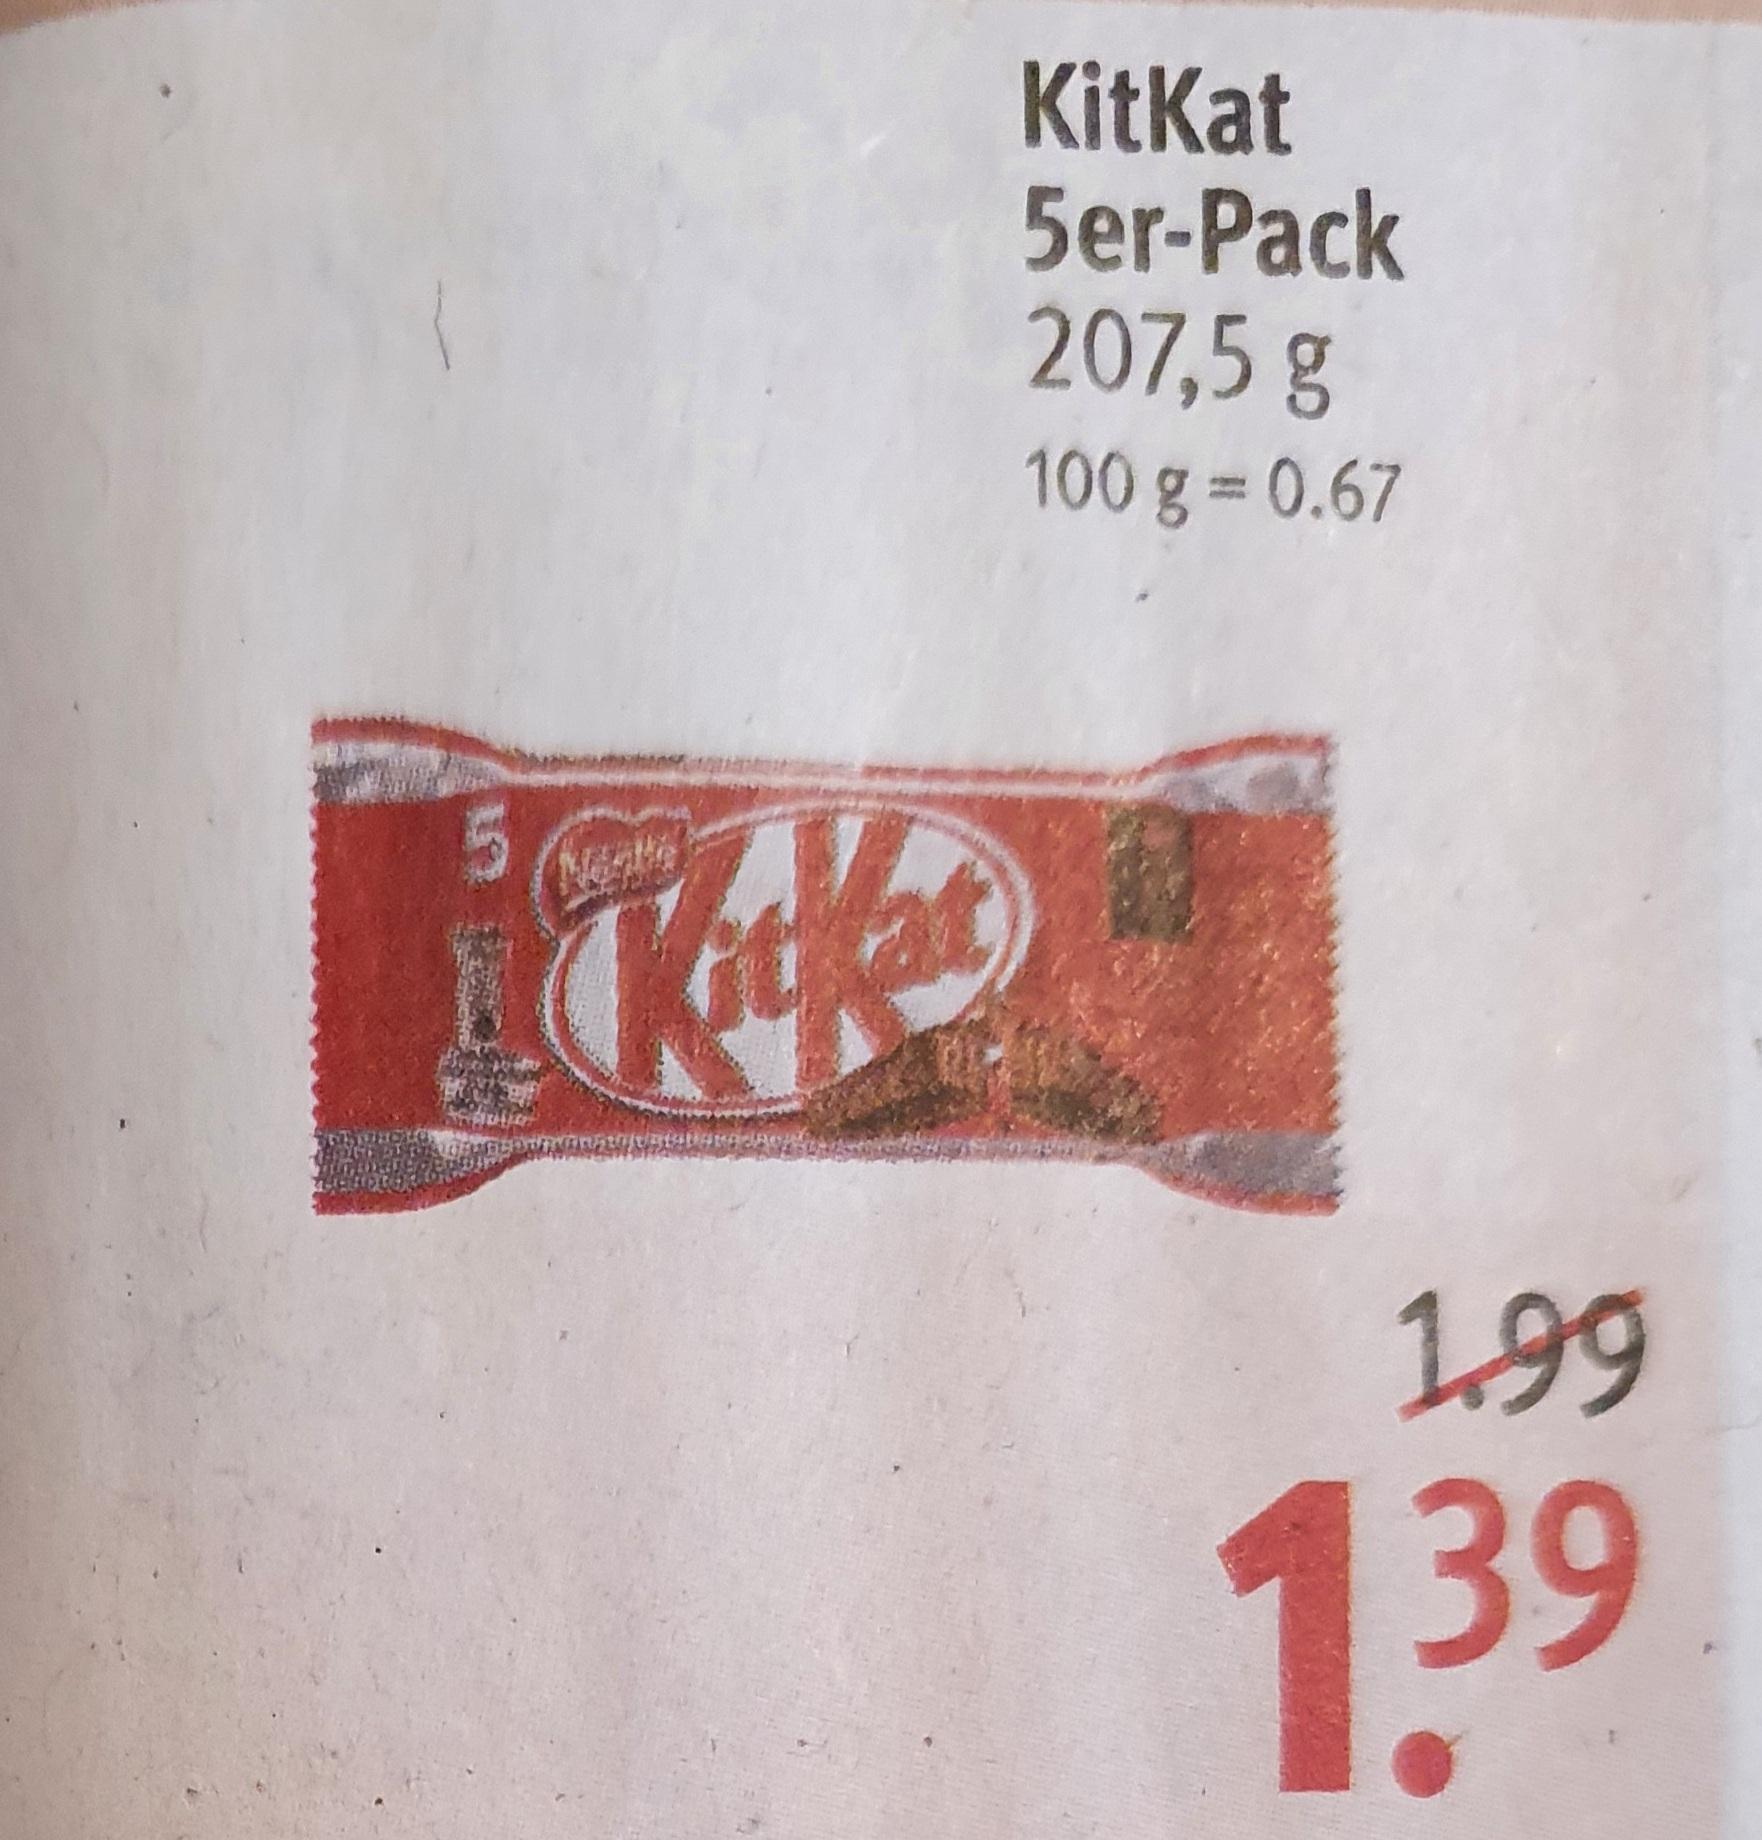 Kitkat 5er Rossmann ab 22.02.21 / 10% APP GS nicht vergessen - 1,26€